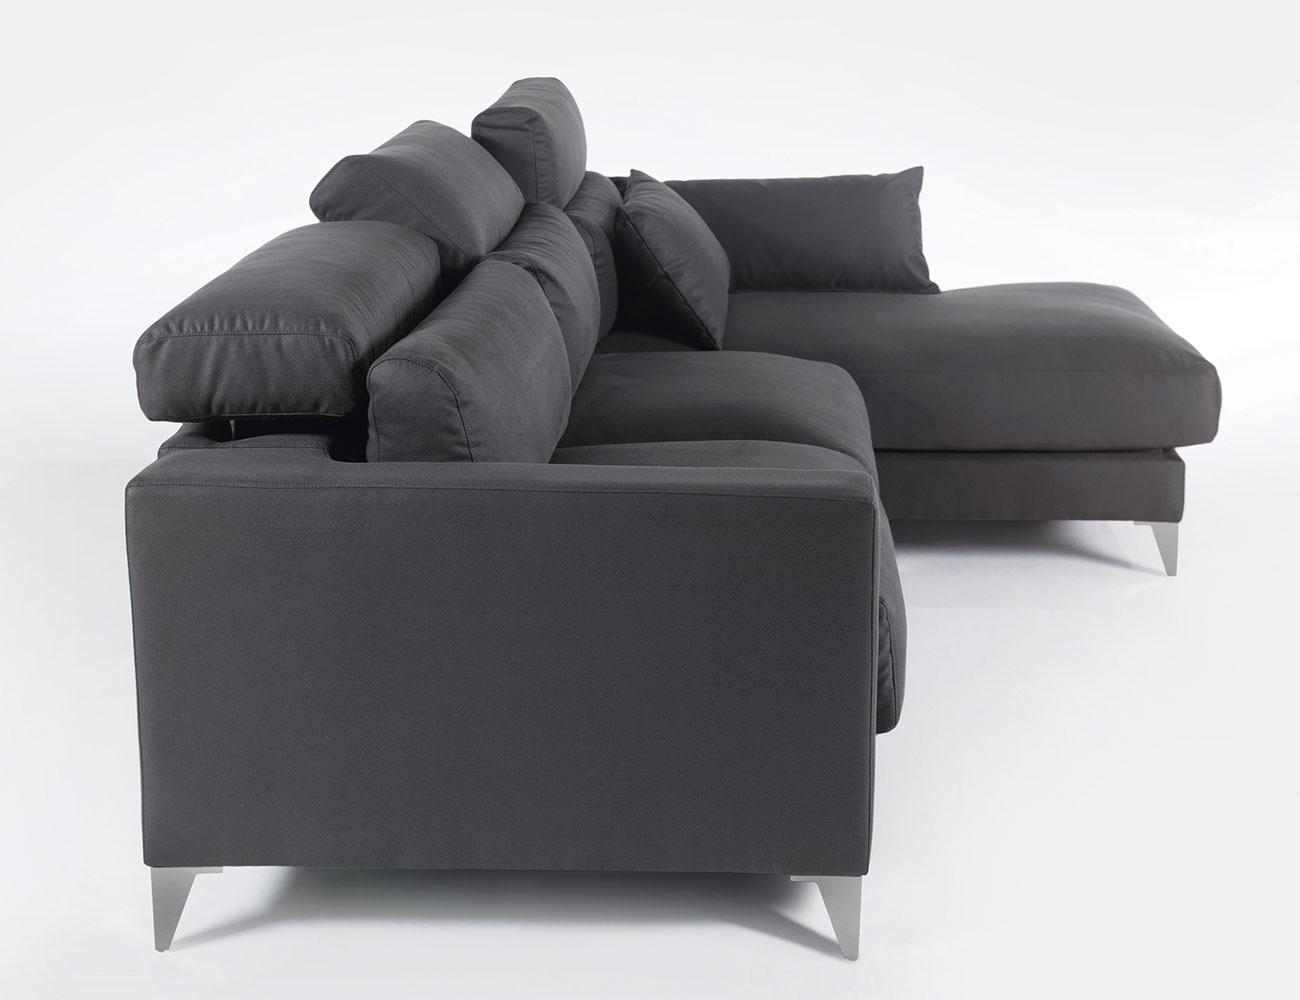 Sofa chaiselongue gran lujo decorativo grafito 121